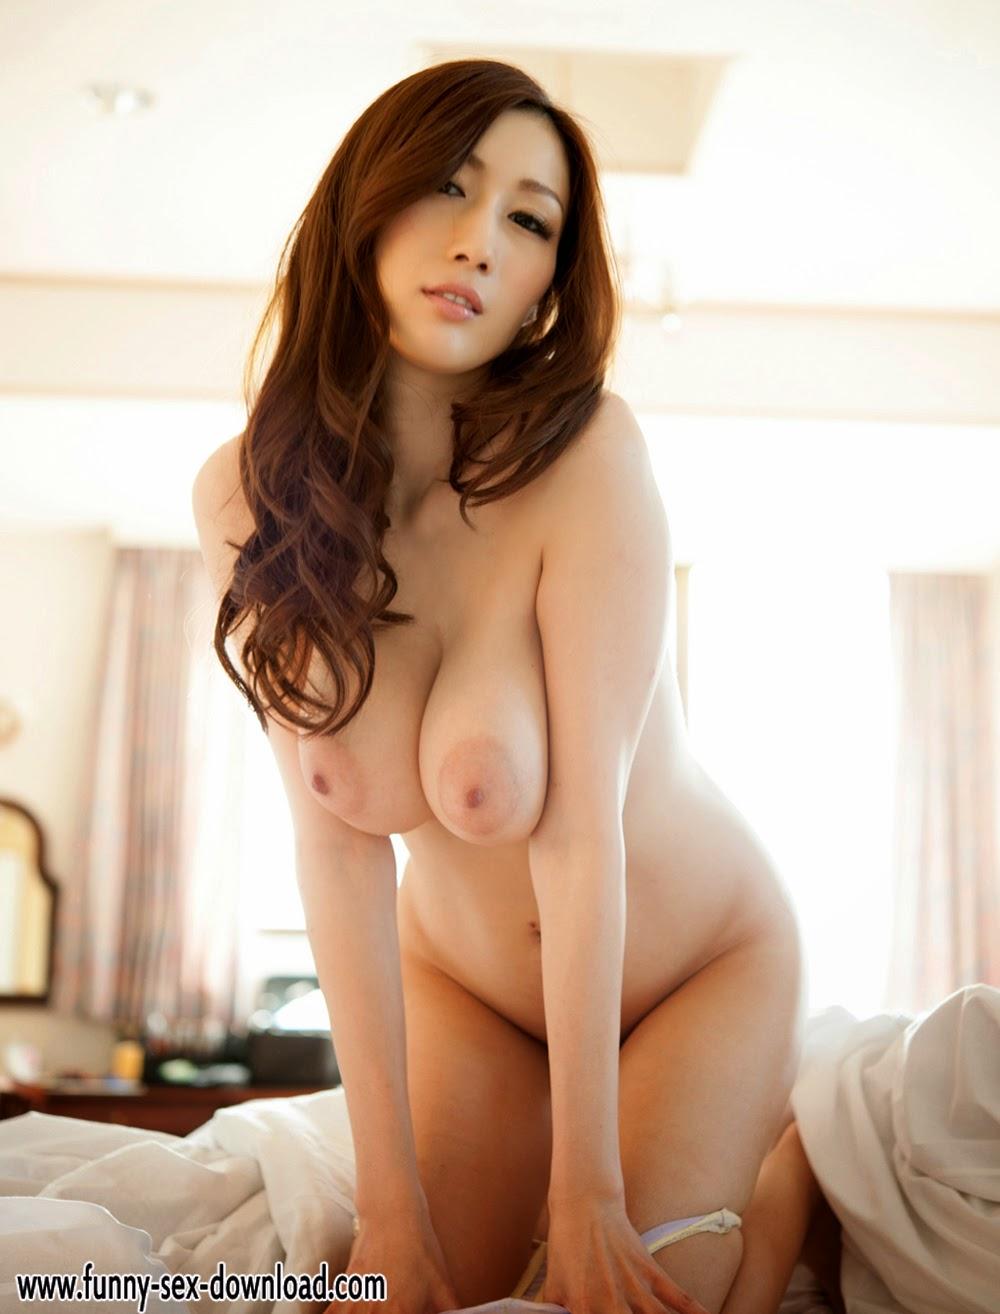 Korea Porn Sexy Women 22